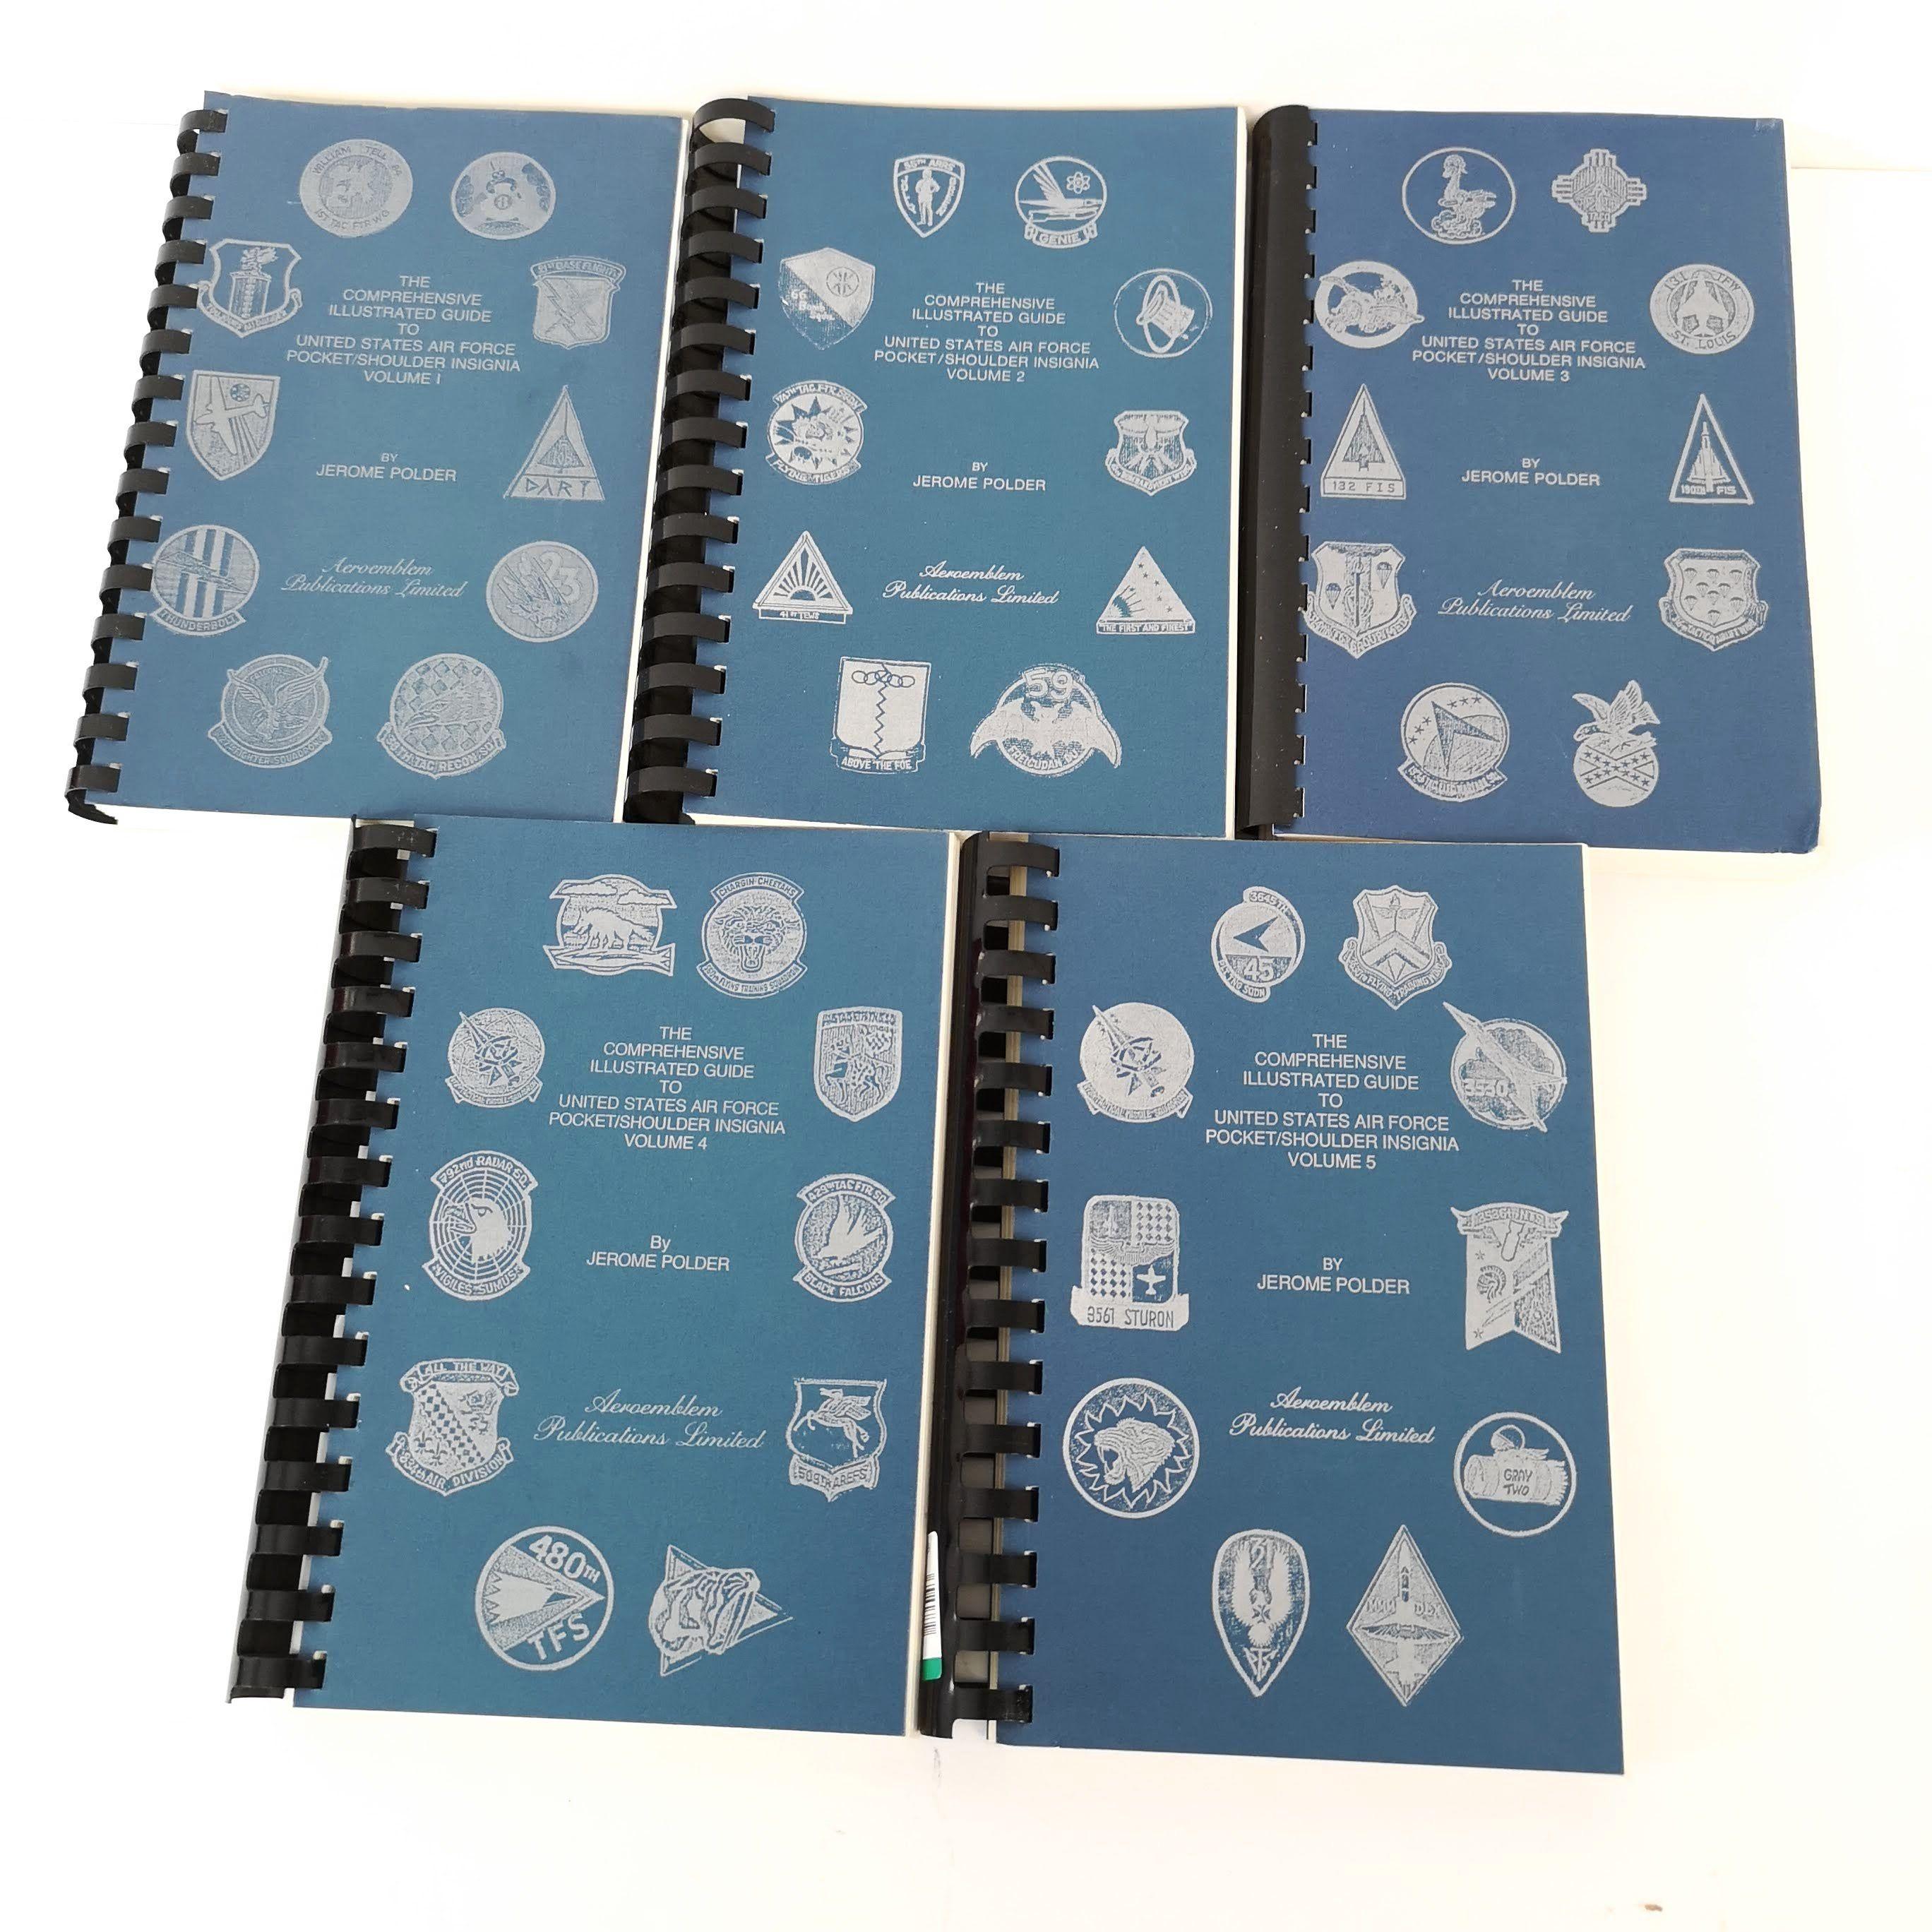 Us Airforce Pocket Shoulder Comprehensive Illustrated Guide Lot 5 Jerome Polder Volumes 1 2 3 4 5 Vintage Usairforce Guideus Pocke Polder Jerome Air Force